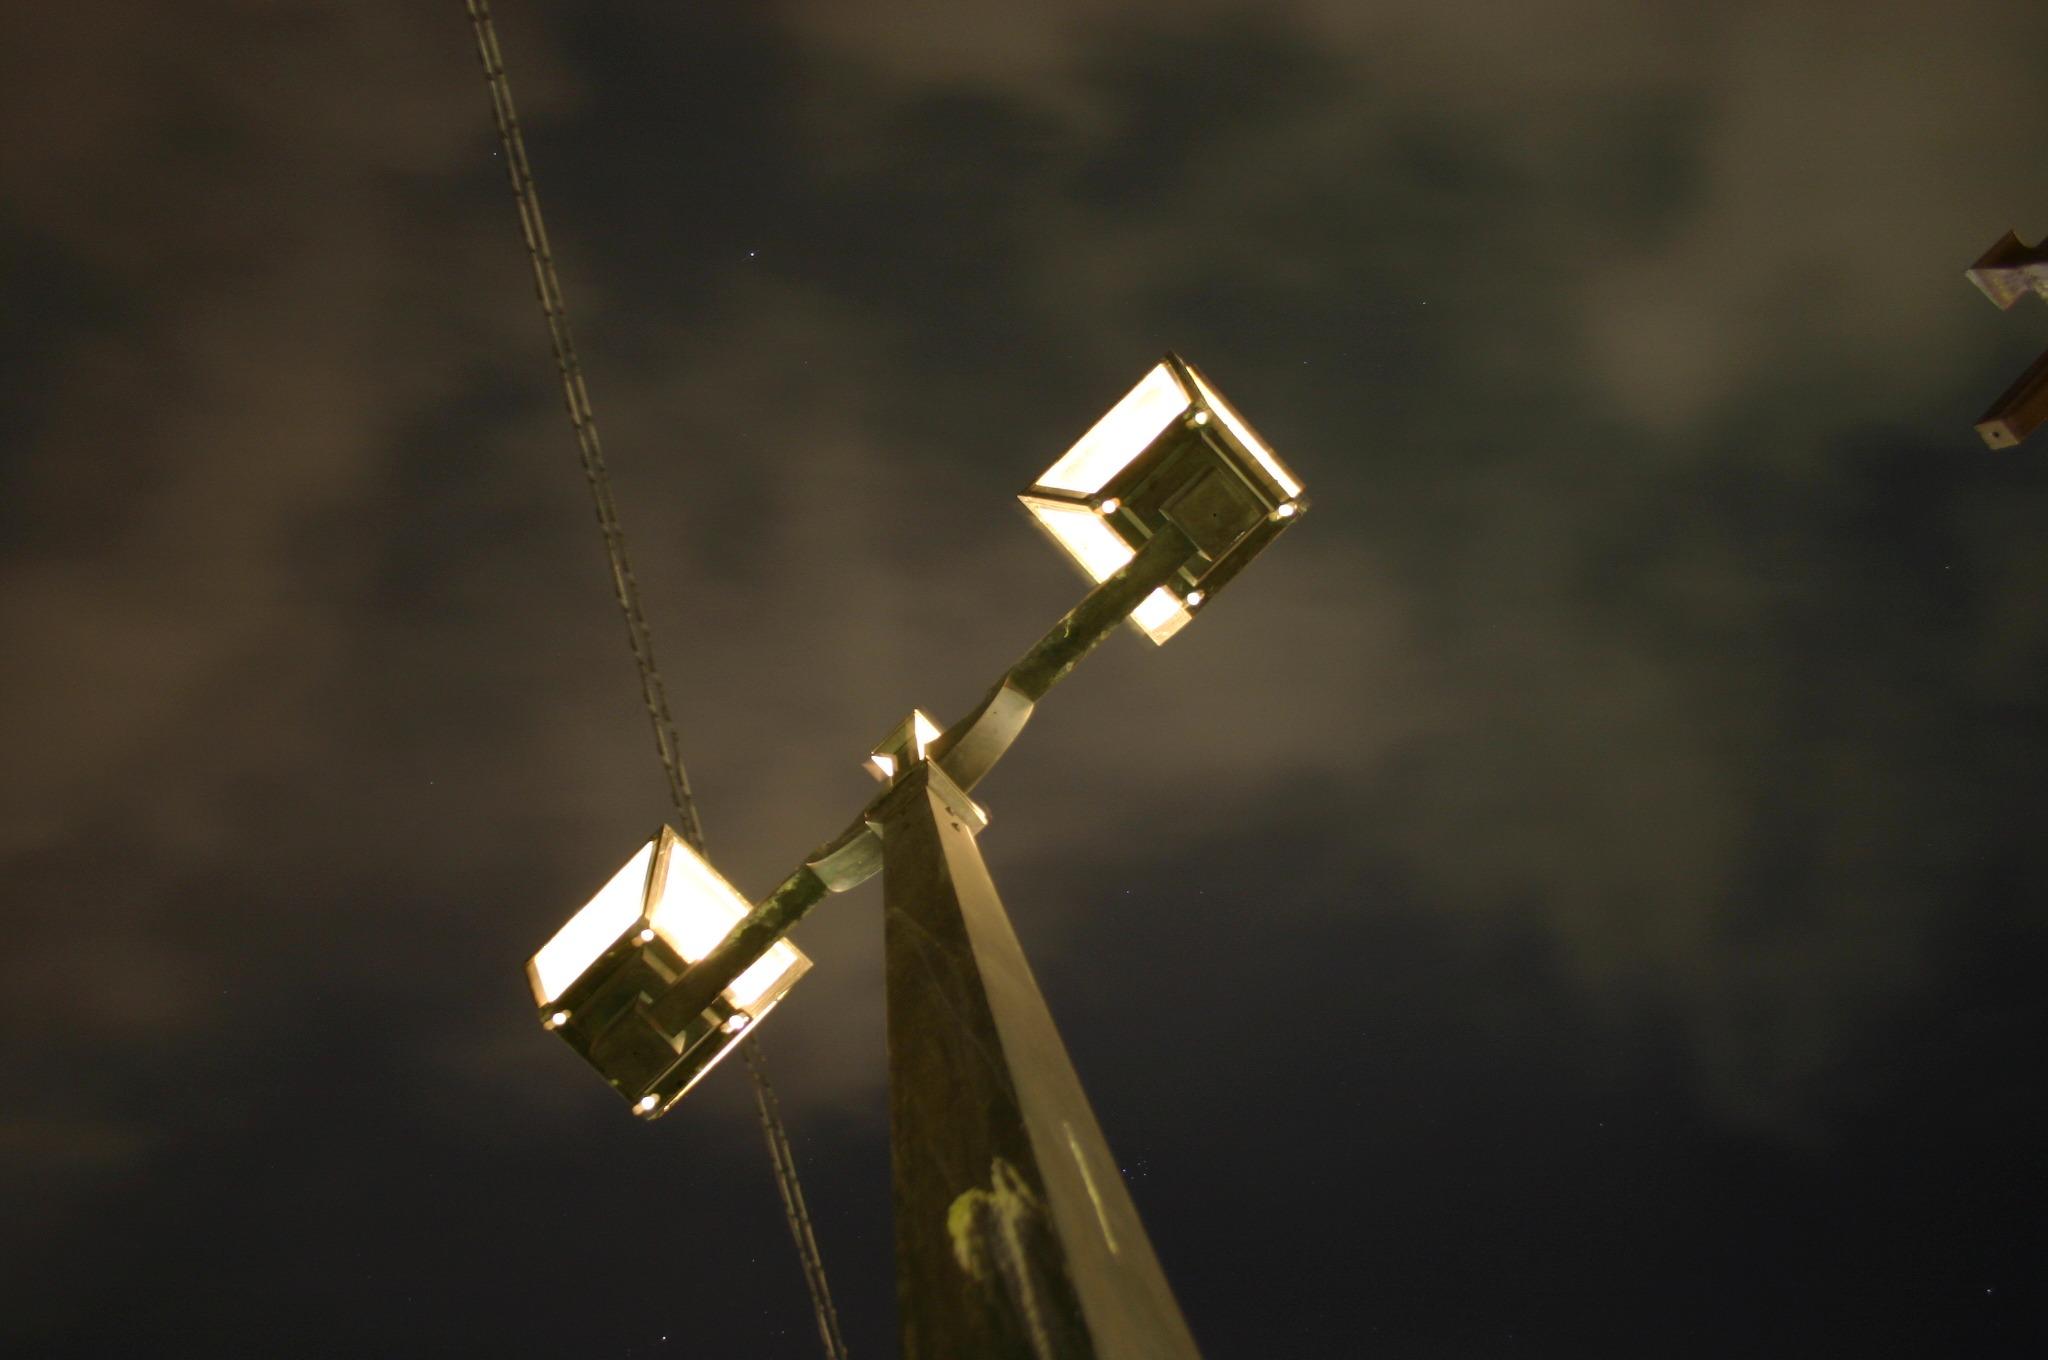 中央橋よりガス灯を